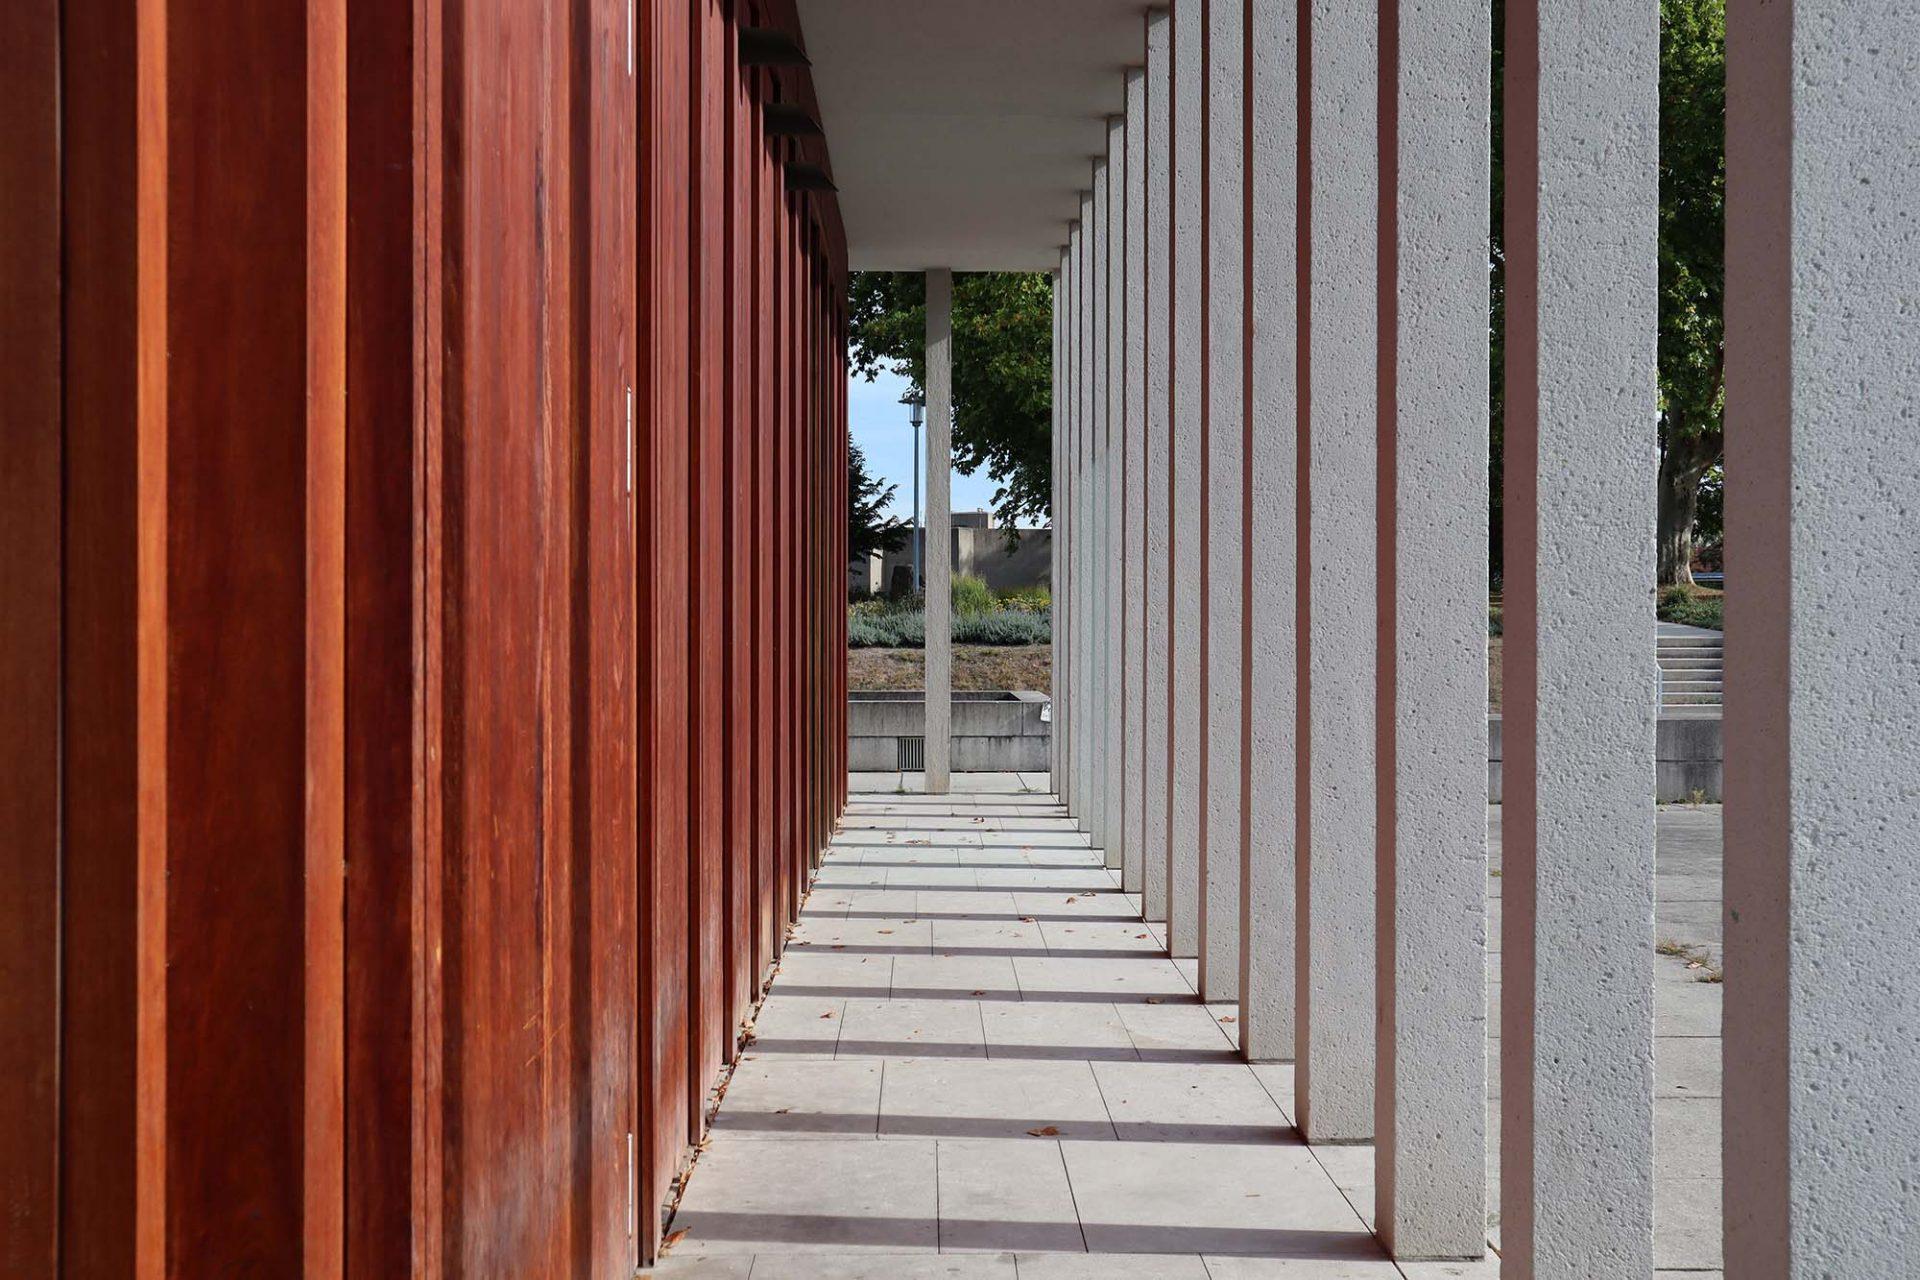 Literaturmuseum der Moderne. Arkadenpfeiler und die holzverkleidete Fassade